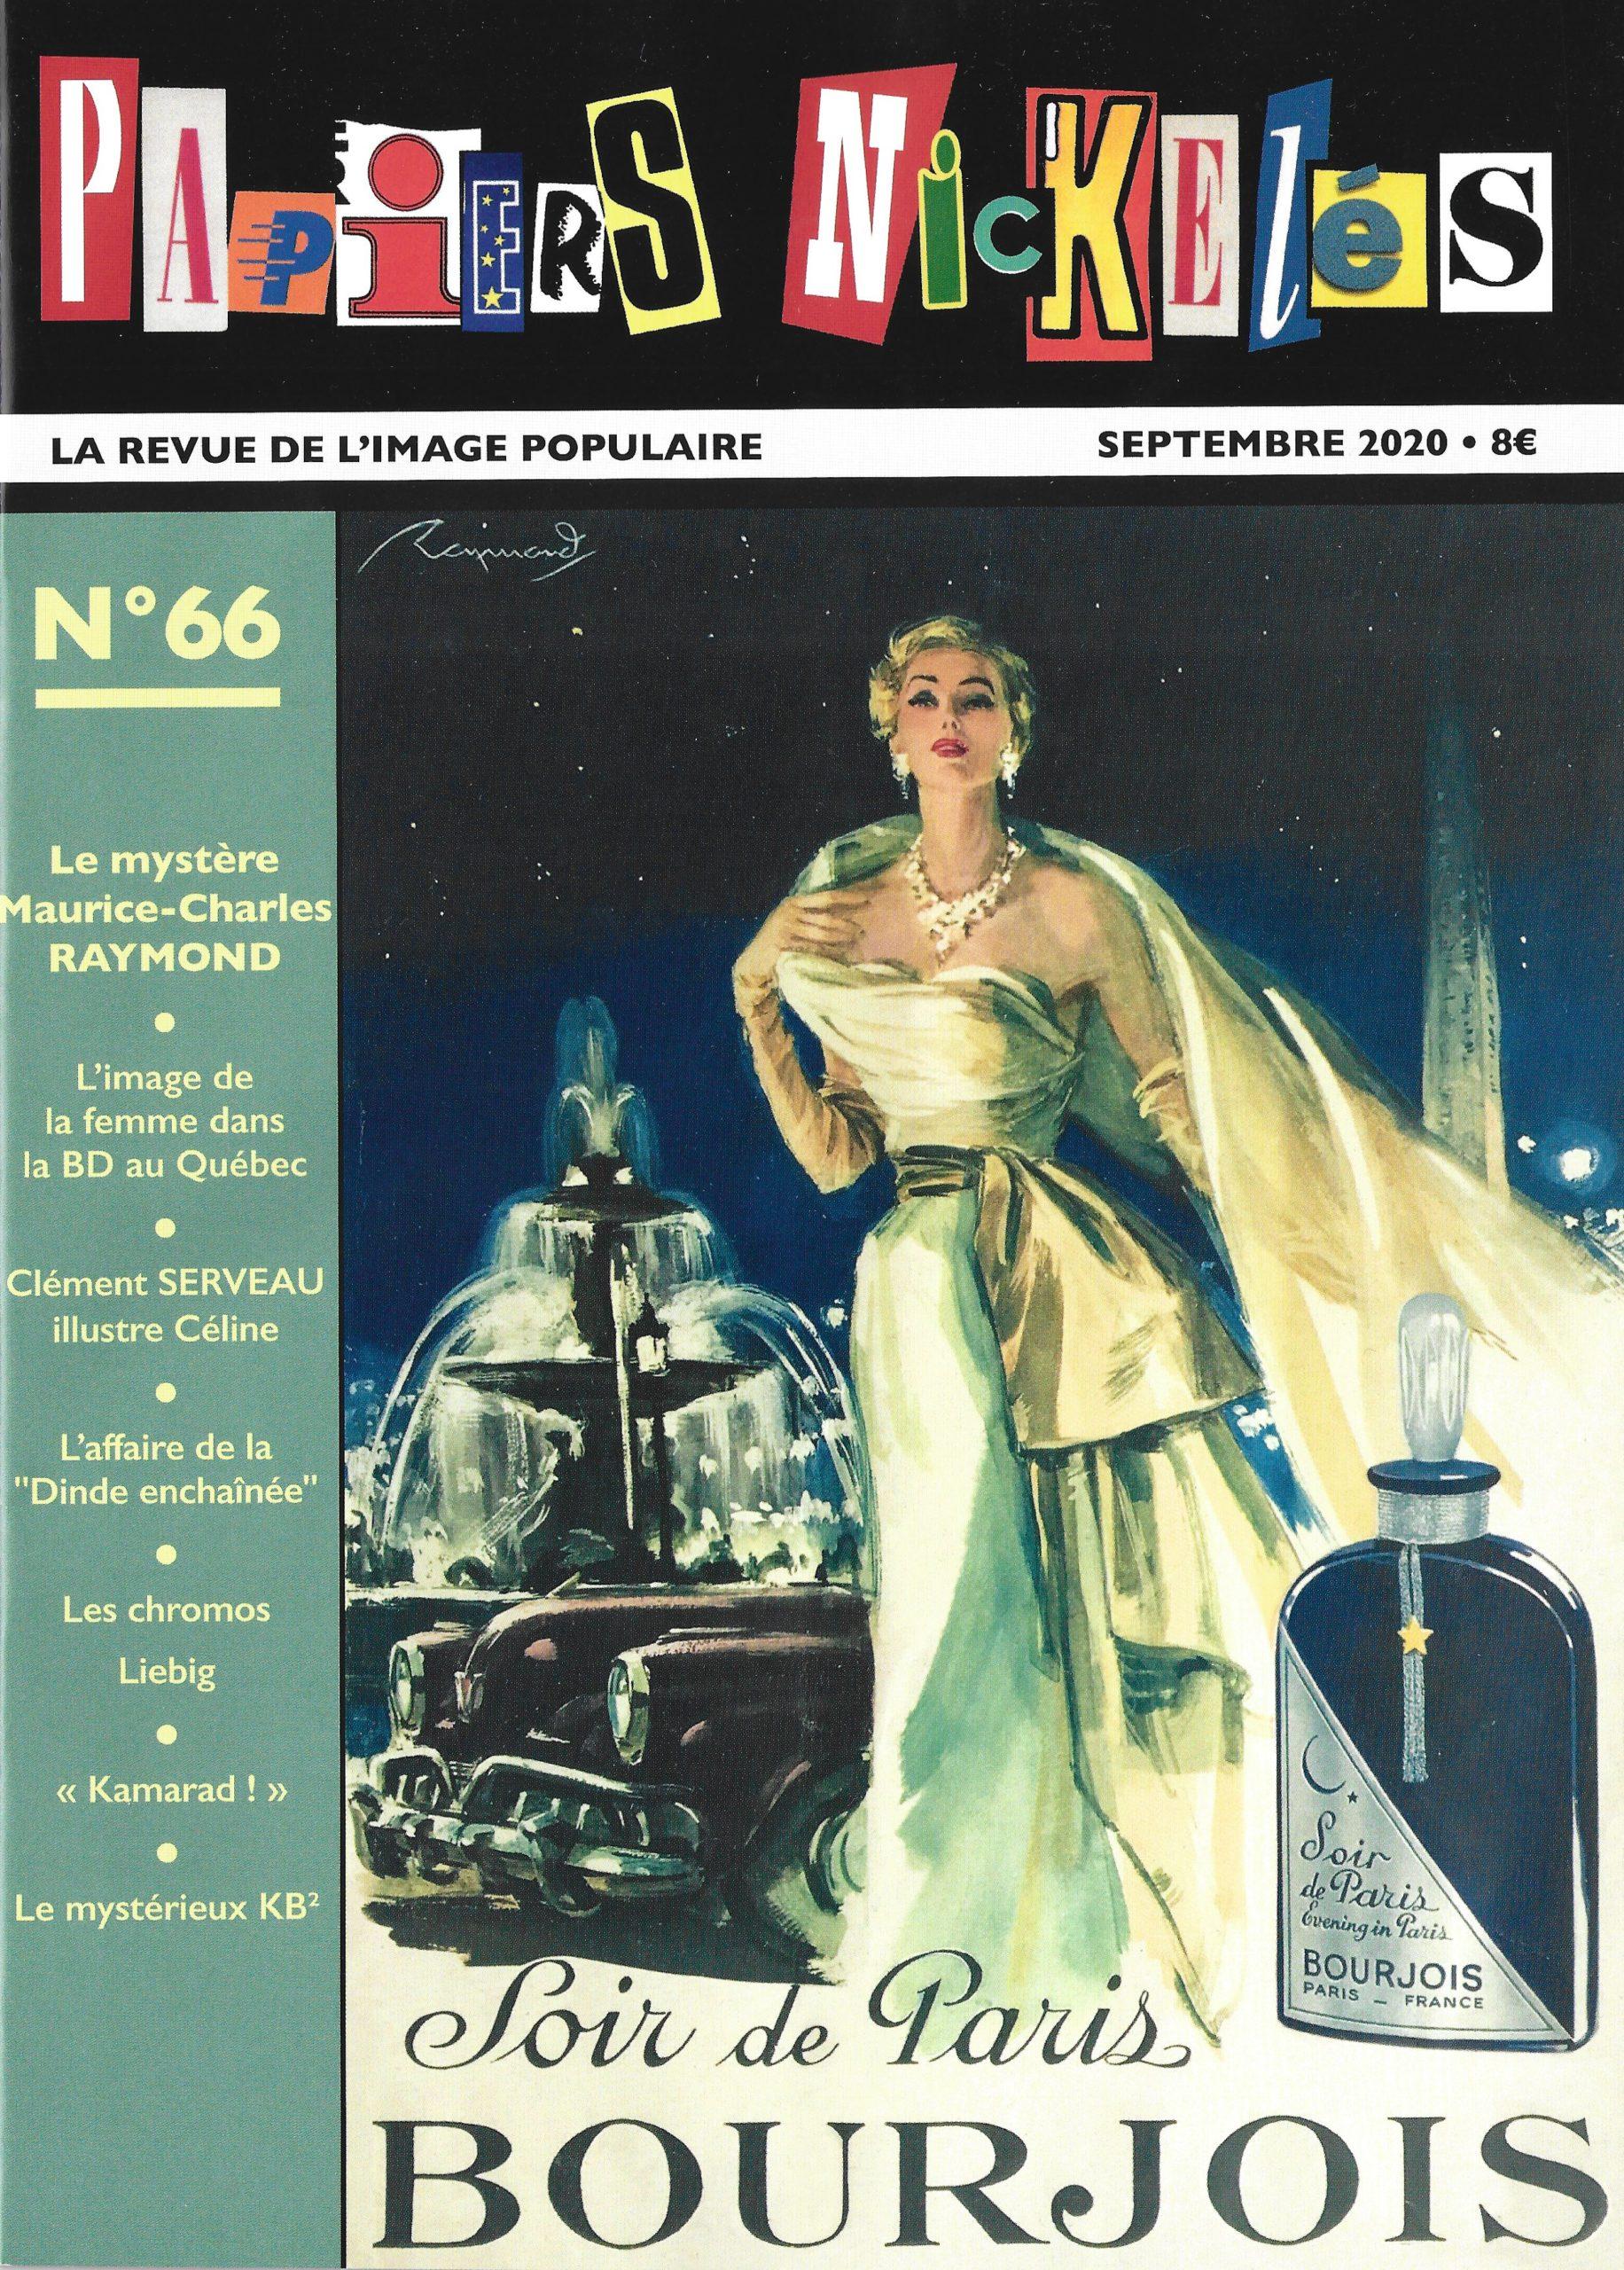 Papiers Nickelés n°66